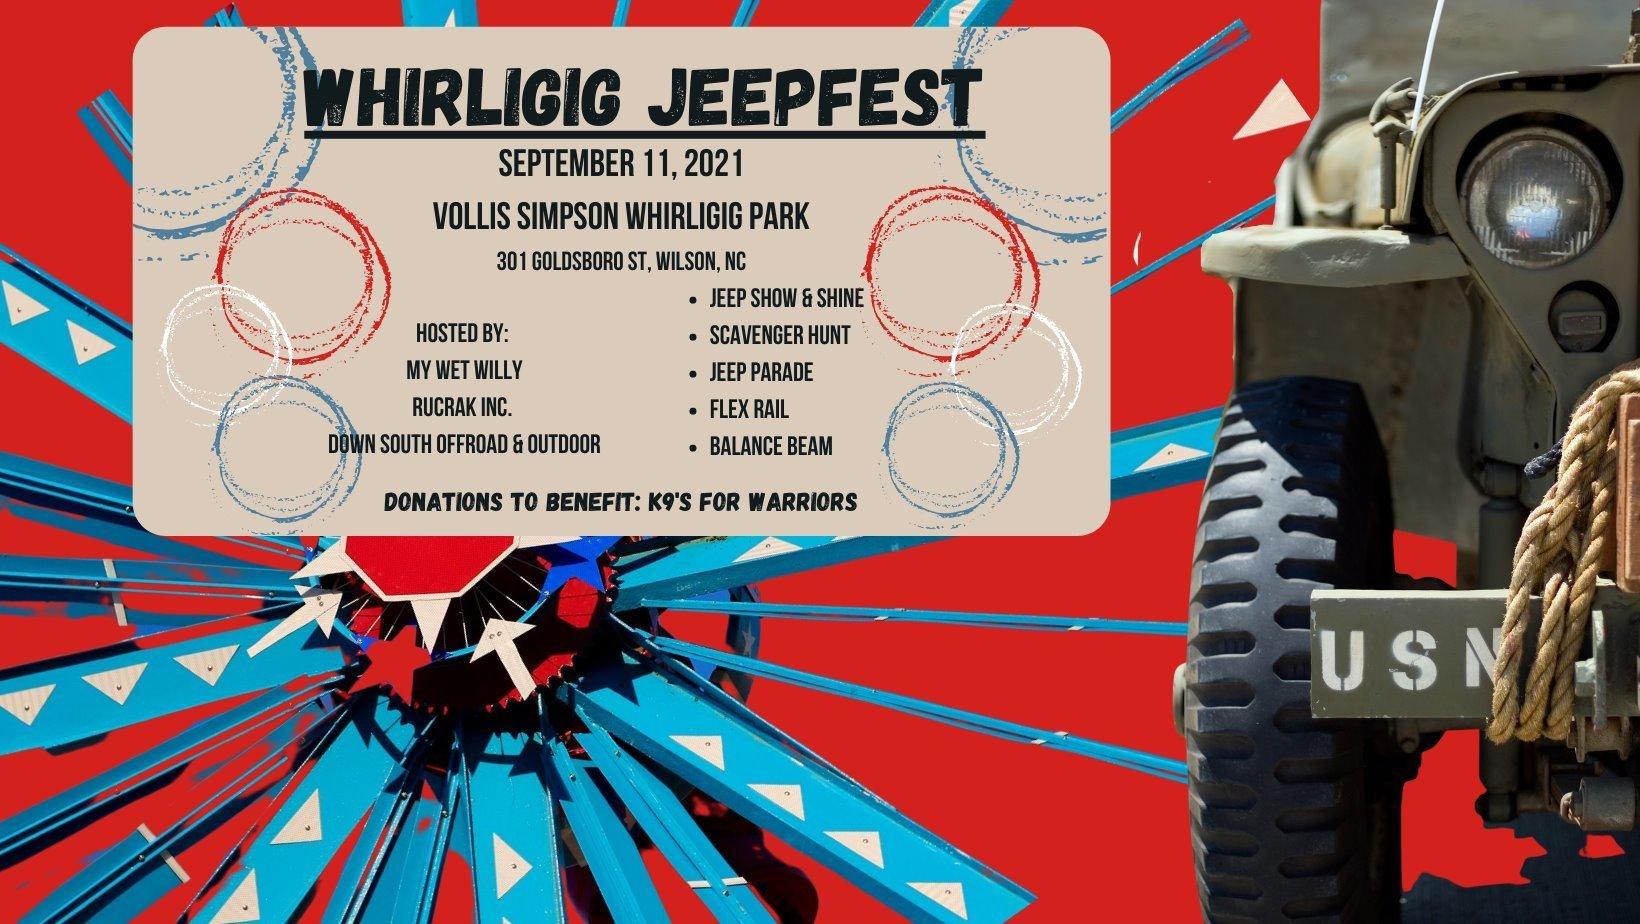 Whirligig JeepFest